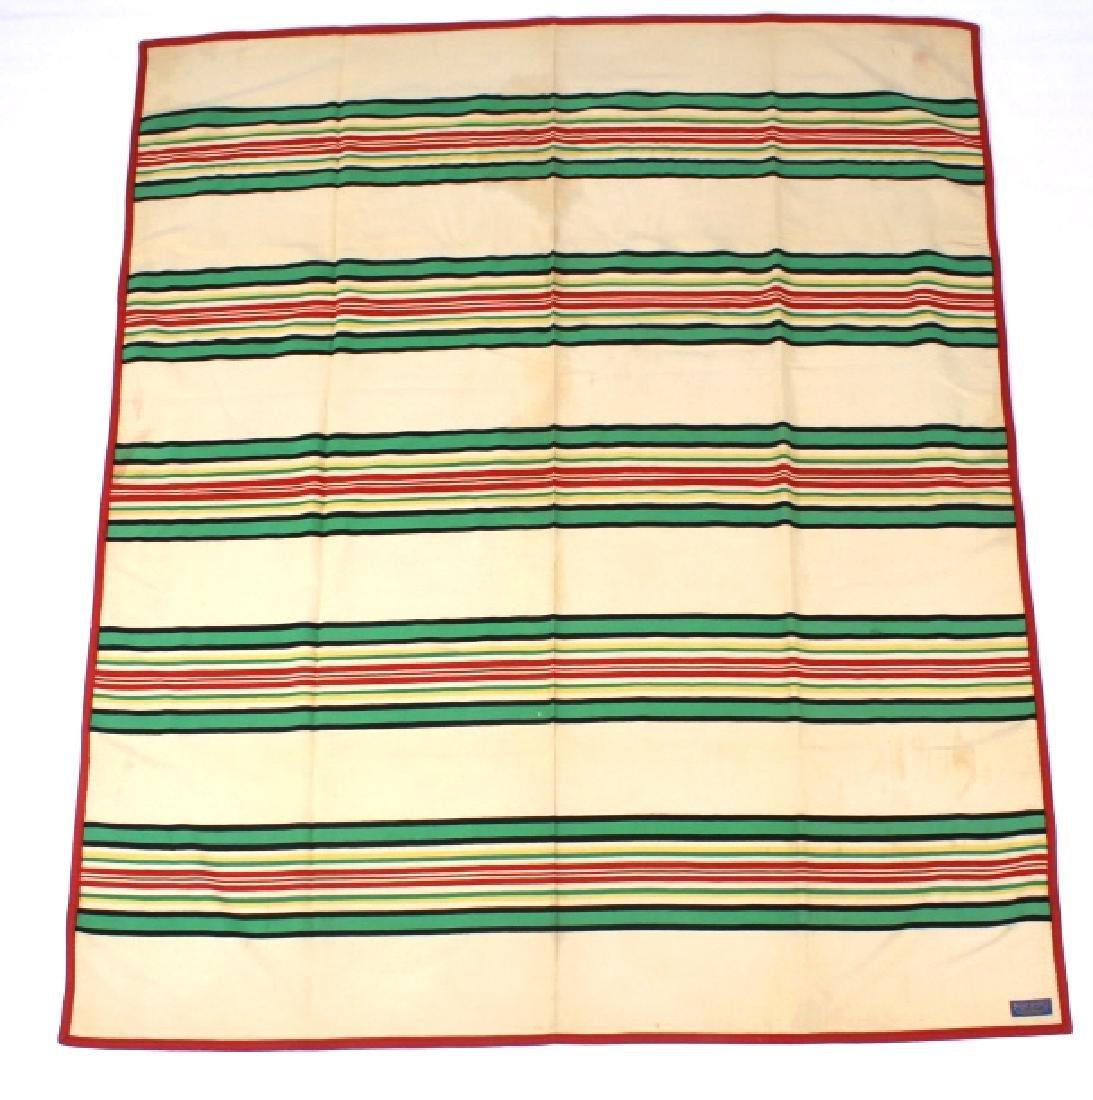 Pendleton Beaver State Wool Blanket c. 1930